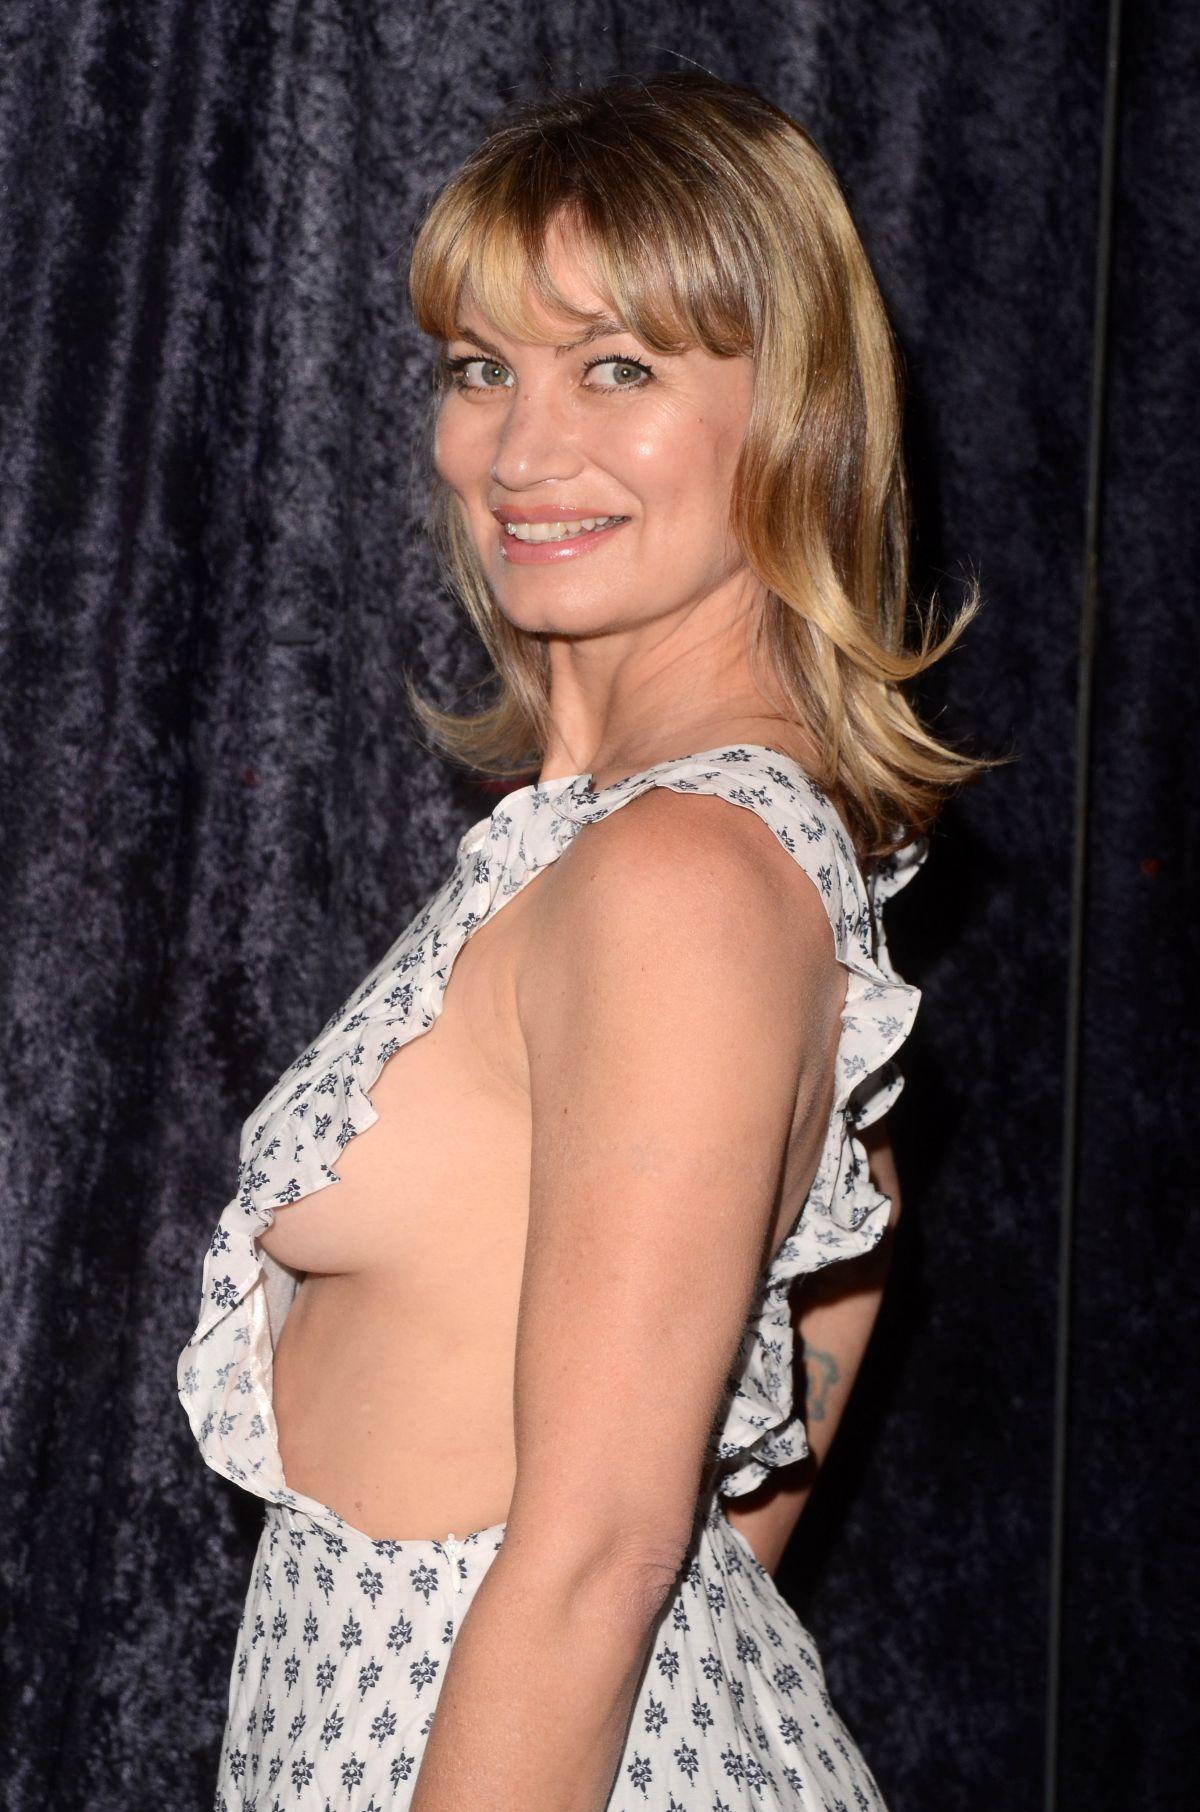 Aya Sumika Porno video Pamela Duncan (actress),Melissa Archer